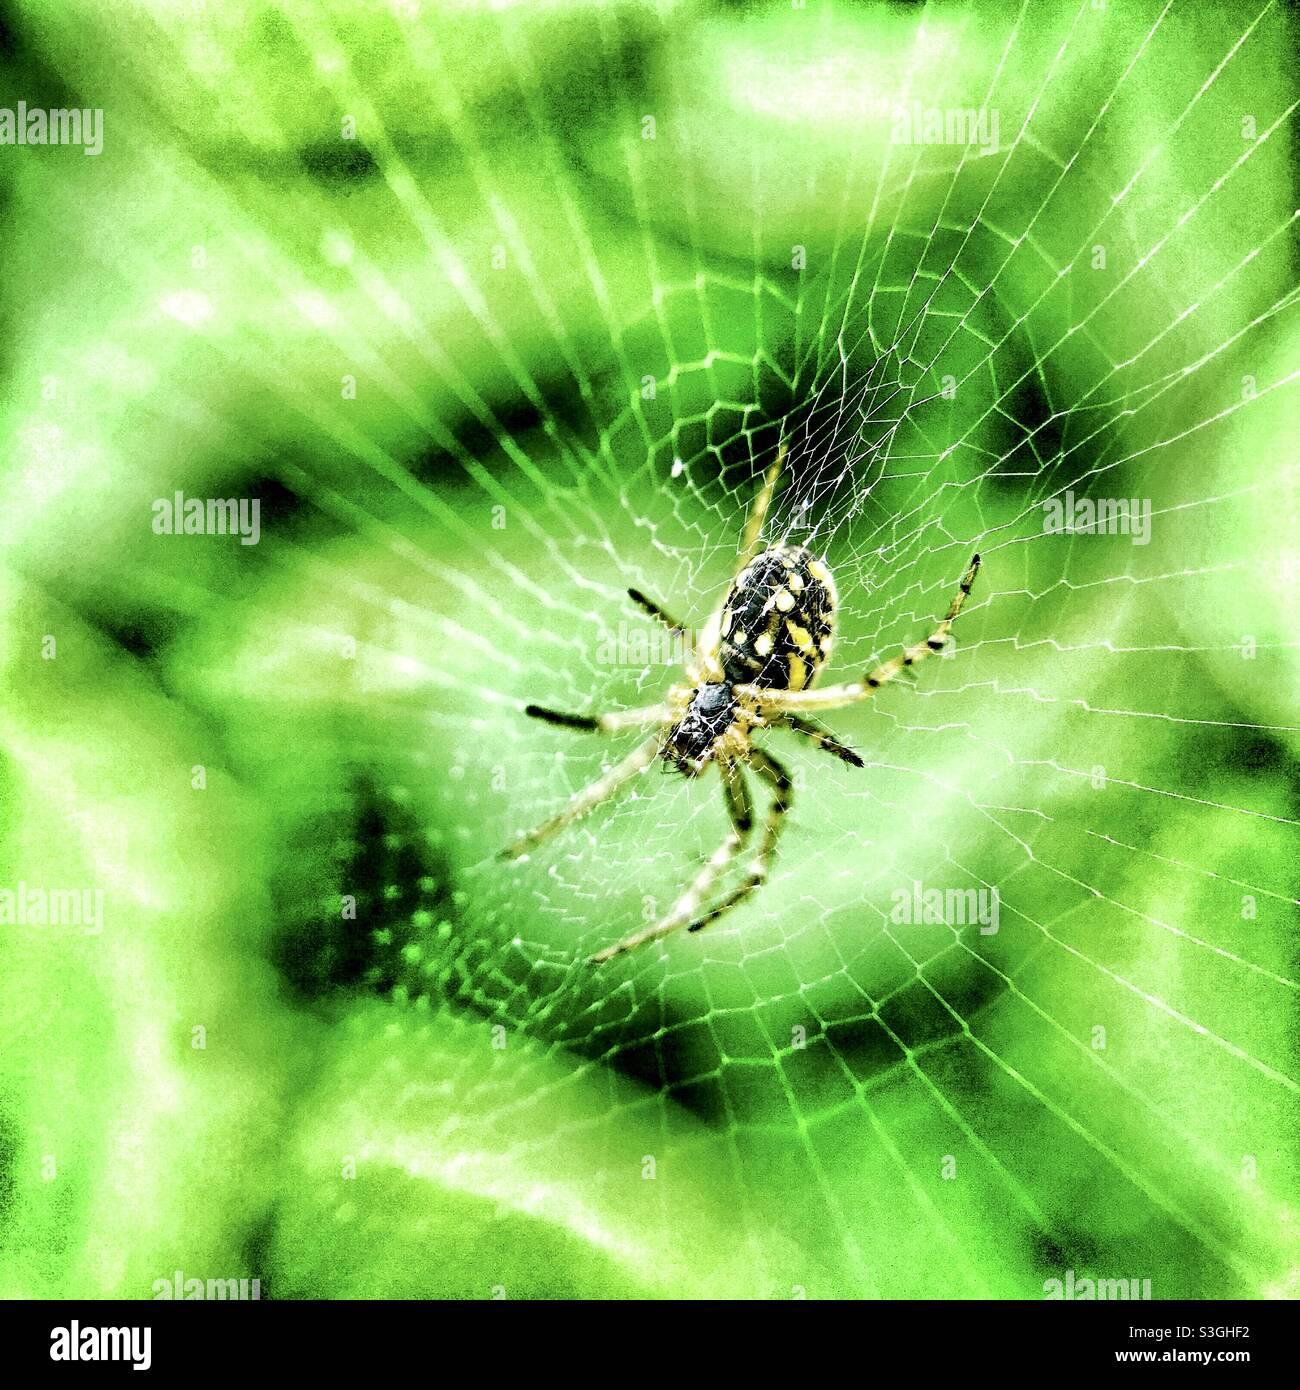 Araignée de jardin commune britannique sur son web. Banque D'Images